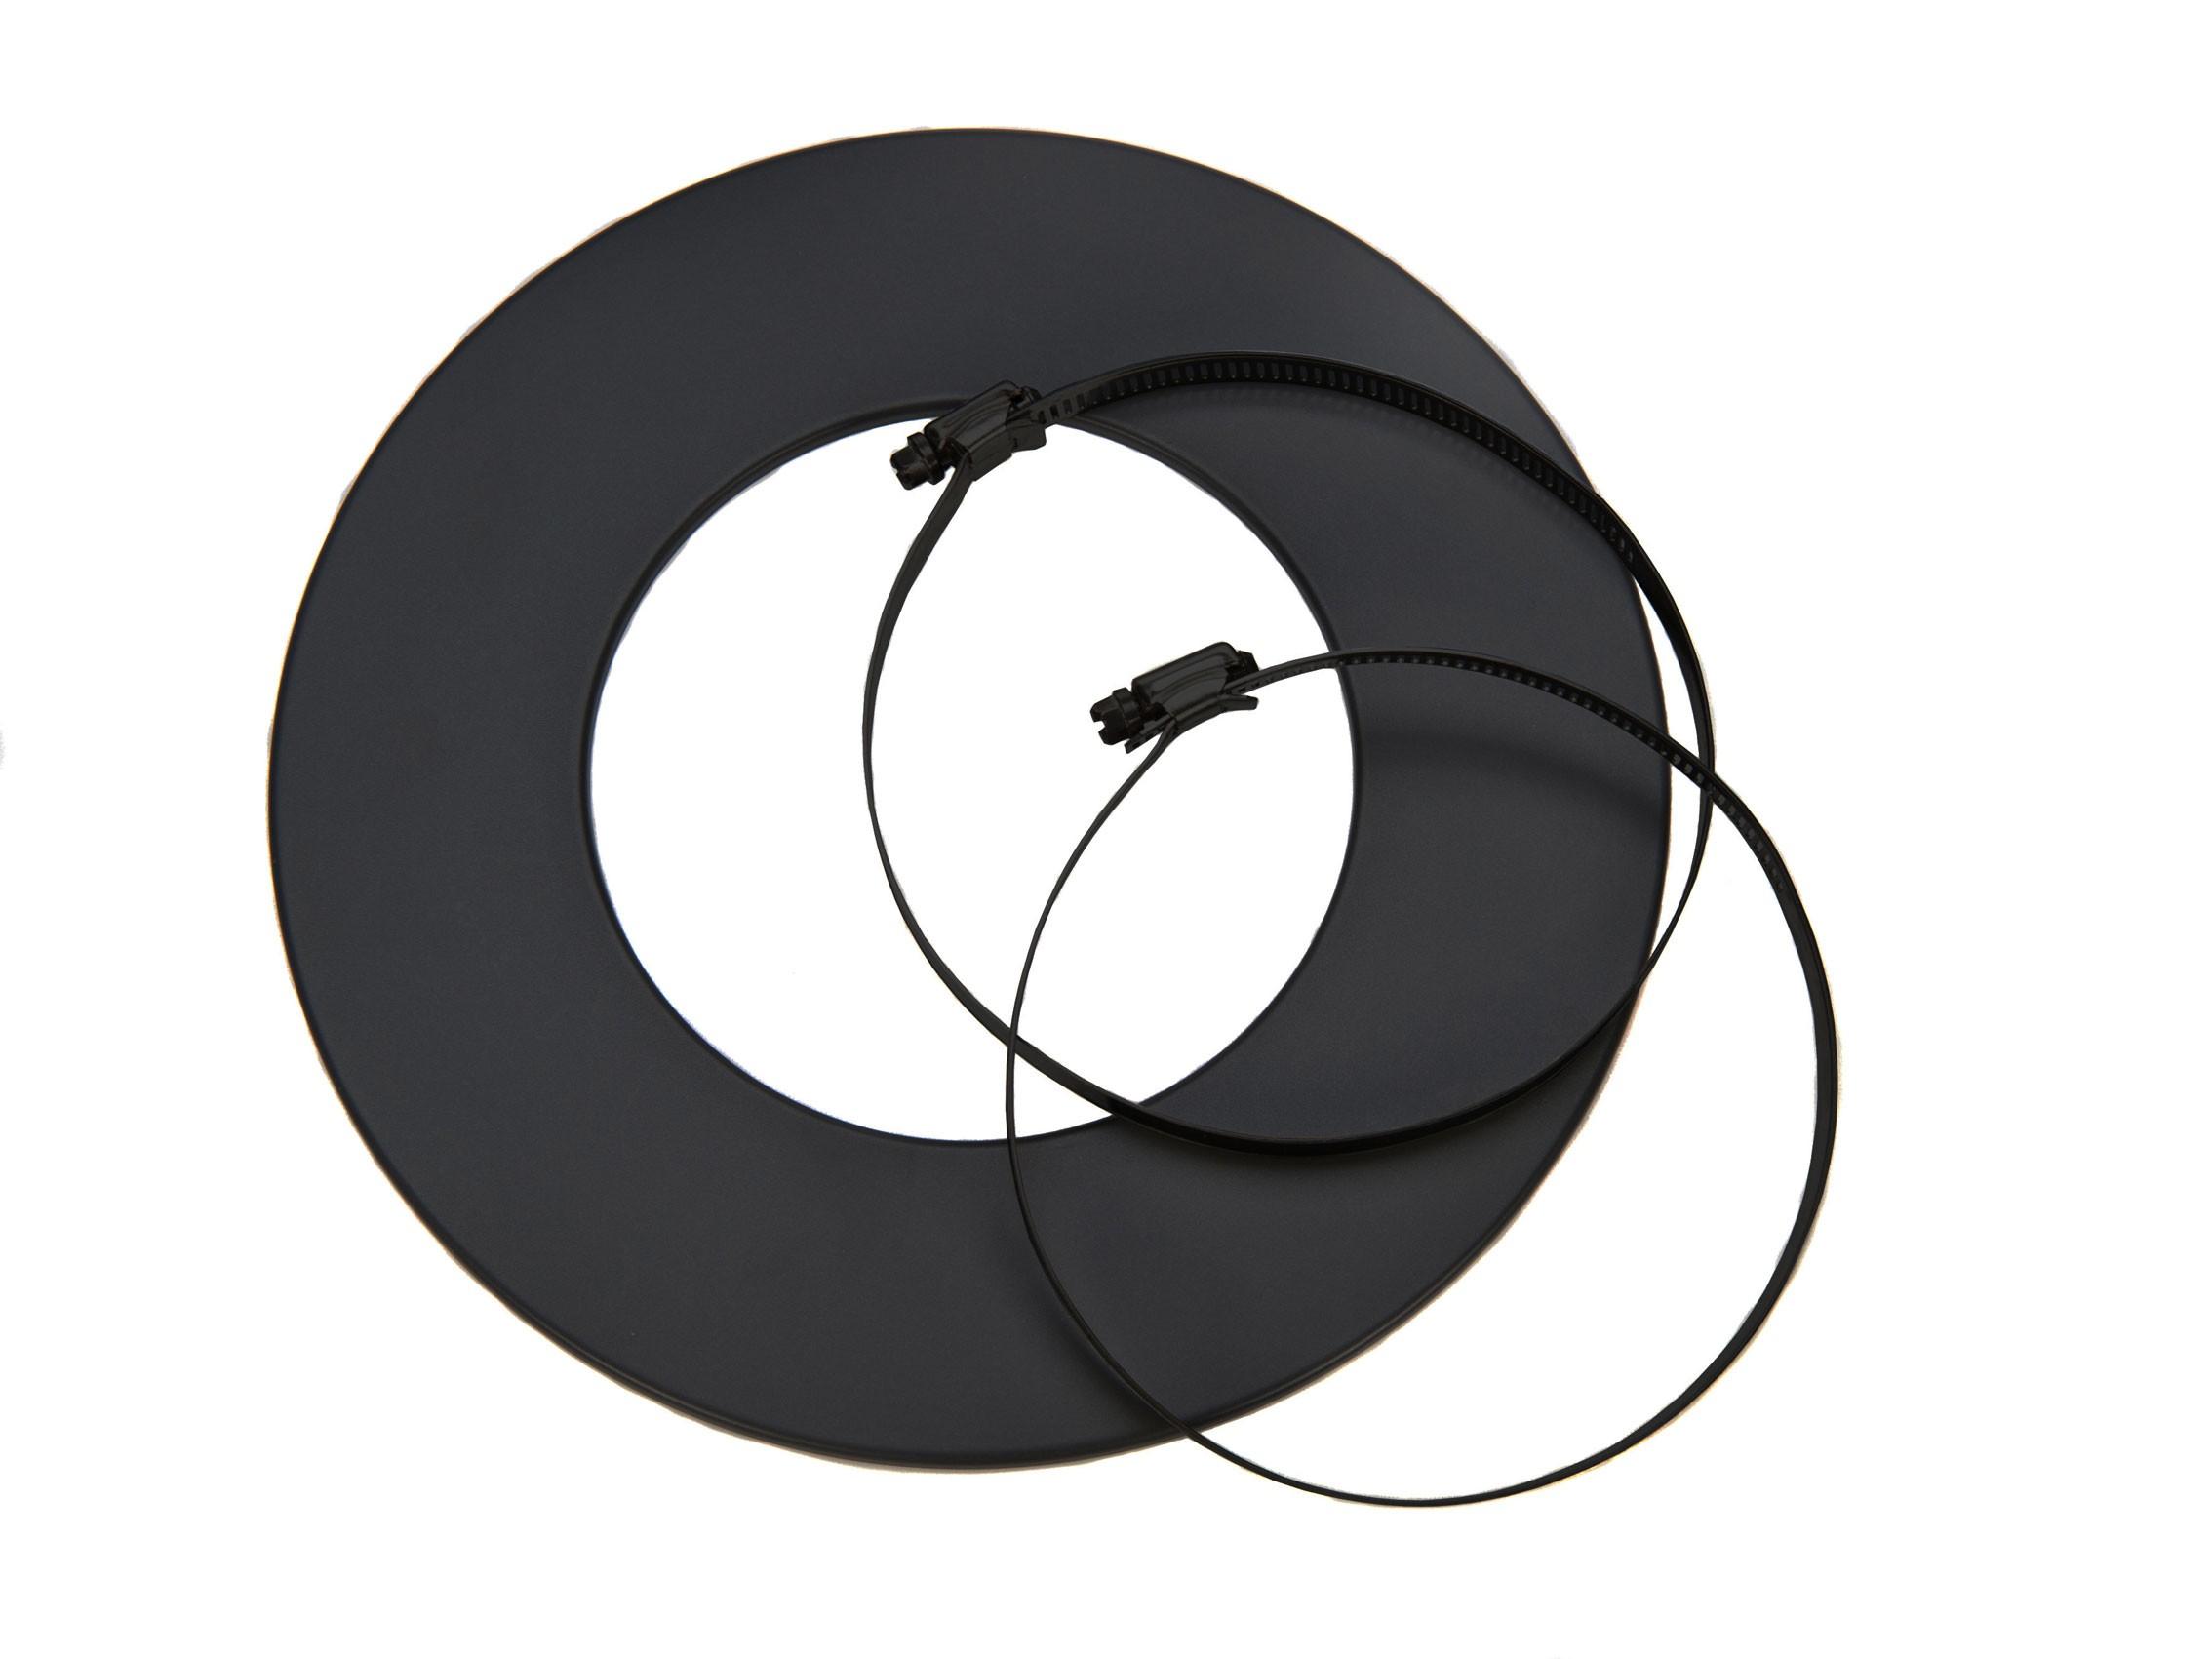 Rosette für flexibles Lüftungsrohr Ø80mm schwarz Bild 1